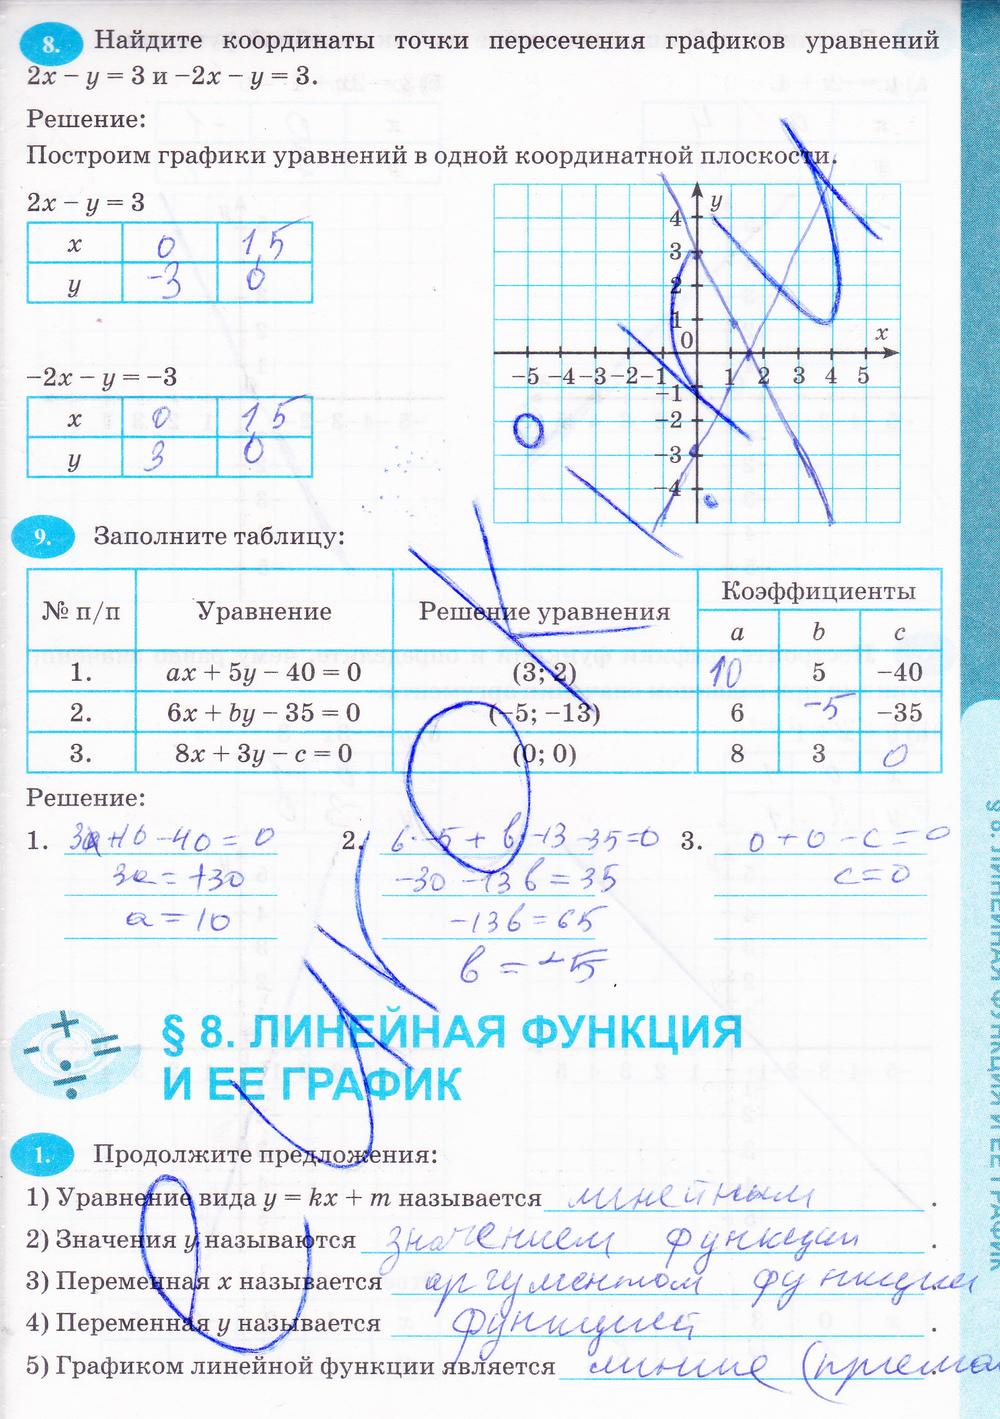 гдз по алгебру 7 класс рабочая тетрадь мордкович